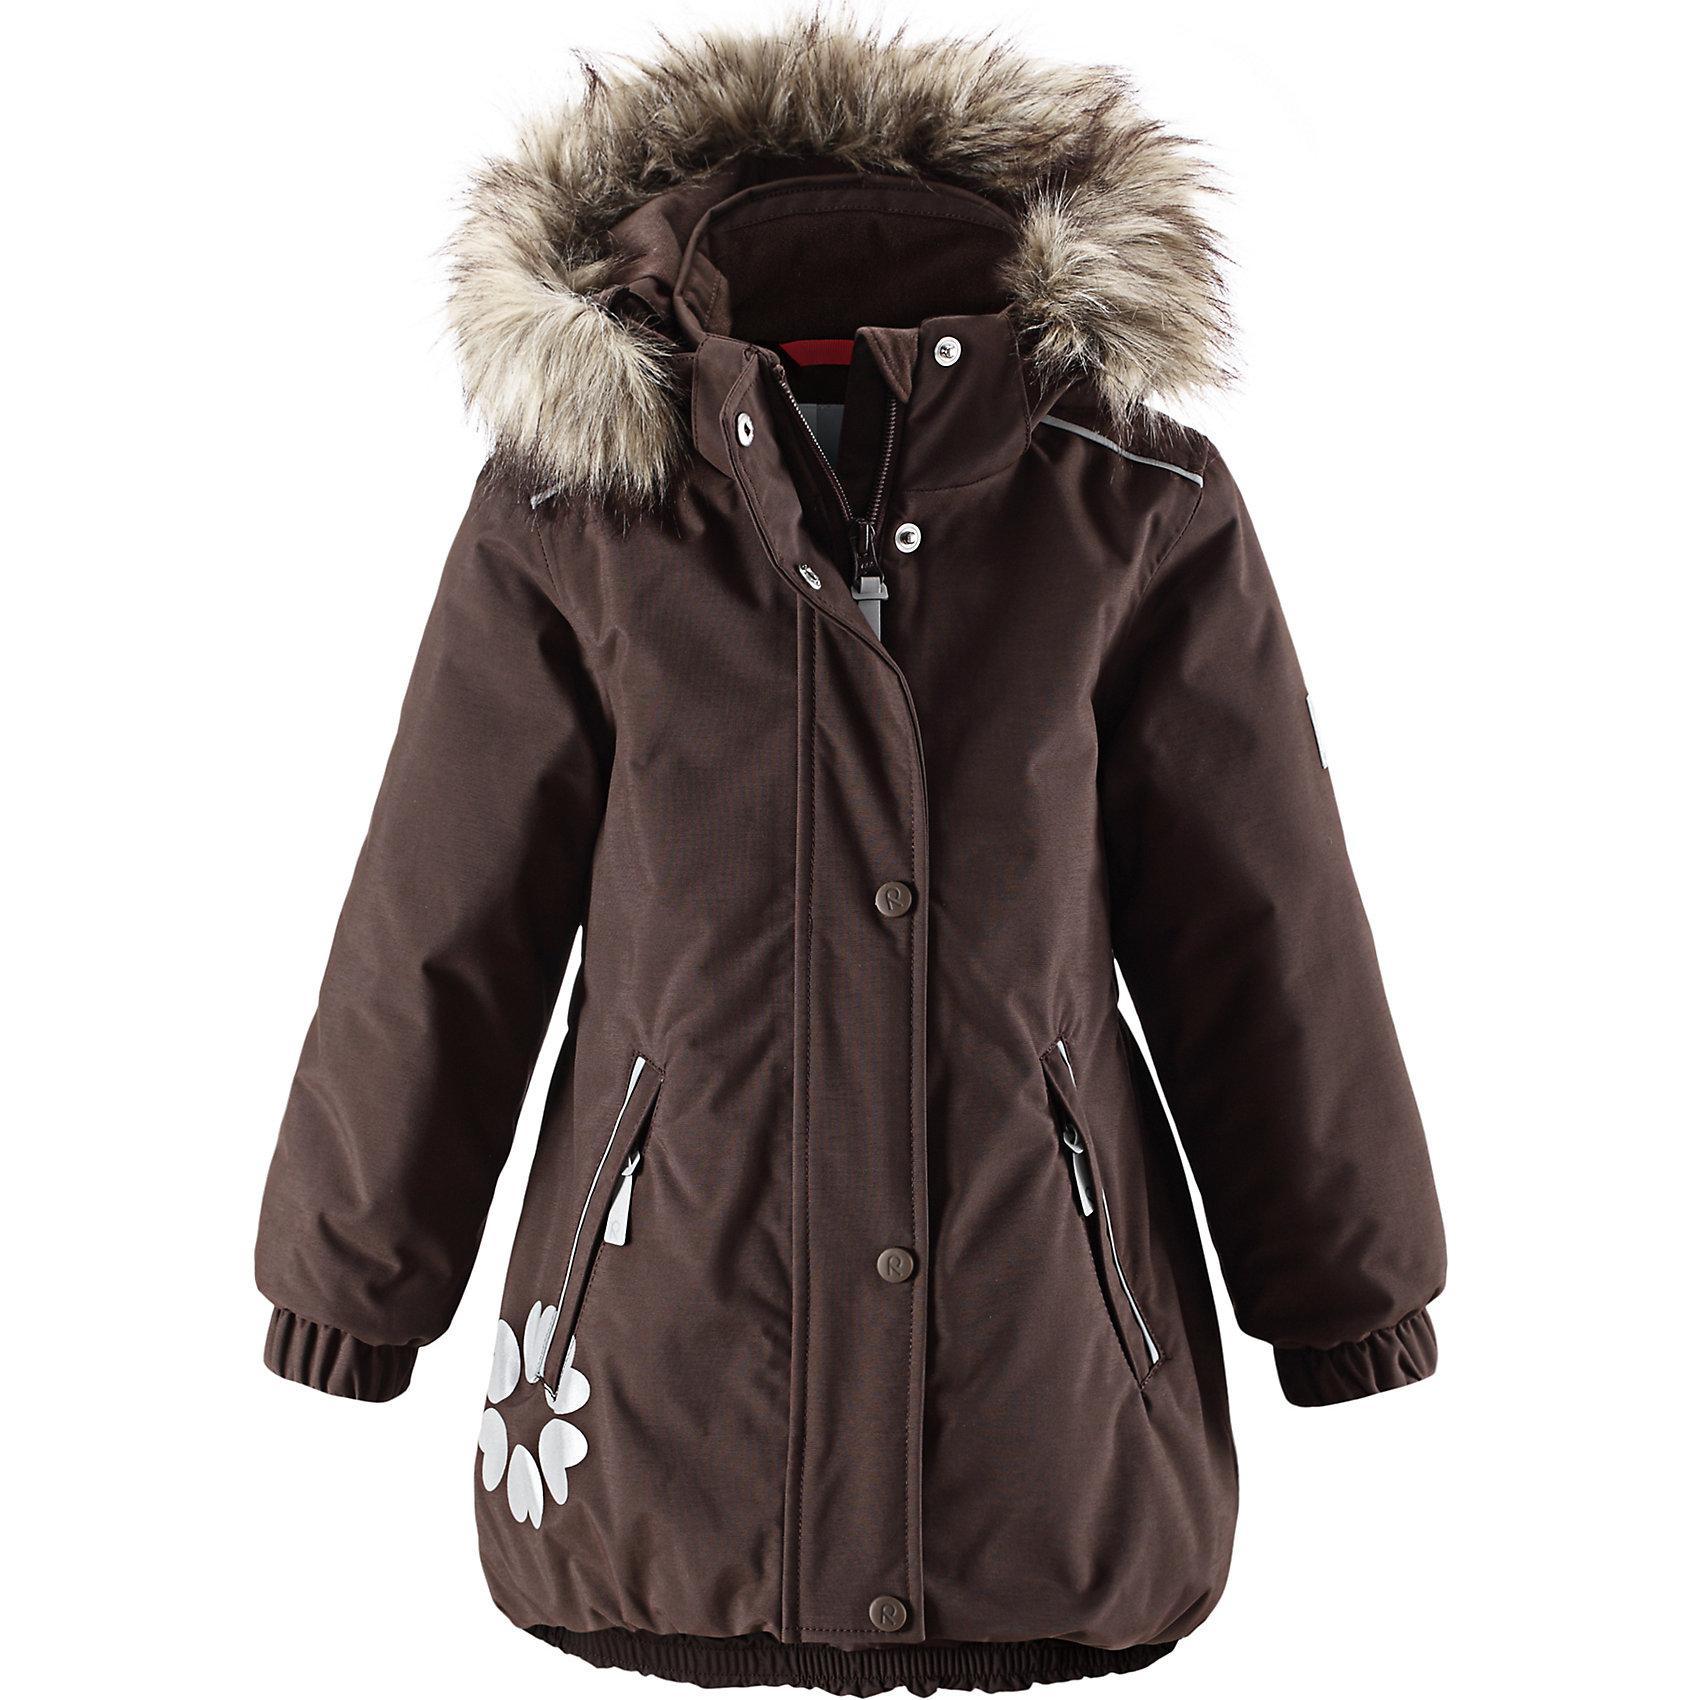 Куртка Reimatec ReimaОдежда<br>Куртка Reimatec от финской марки Reima.<br>*Водонепроницаемая зимняя куртка для детей постарше, модель для девочек<br>*Все швы проклеены, водонероницаемы<br>*Безопасный сьемный капюшон, укарашенный отстегивающимся искусственным мехом<br>*Два кармана на молнии<br>*Подол регулируется<br>*Безопасные светоотражающие детали<br>Состав:<br>100% ПА, ПУ-покрытие<br><br>Ширина мм: 356<br>Глубина мм: 10<br>Высота мм: 245<br>Вес г: 519<br>Цвет: коричневый<br>Возраст от месяцев: 36<br>Возраст до месяцев: 48<br>Пол: Унисекс<br>Возраст: Детский<br>Размер: 104,110,122,116<br>SKU: 4632018